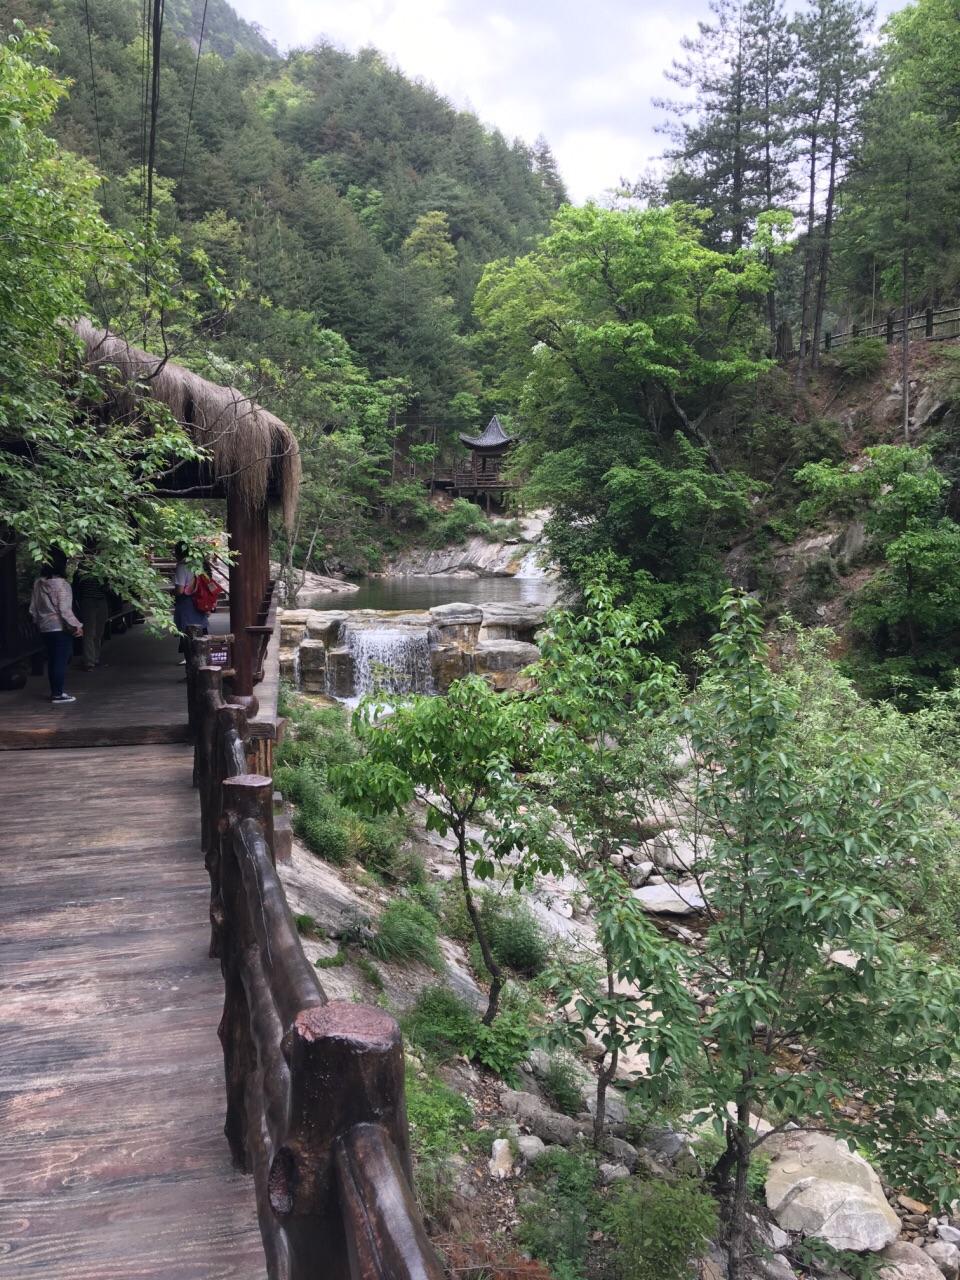 佛坪熊猫谷旅游景点攻笔记v笔记玩法游戏最快的略图图片